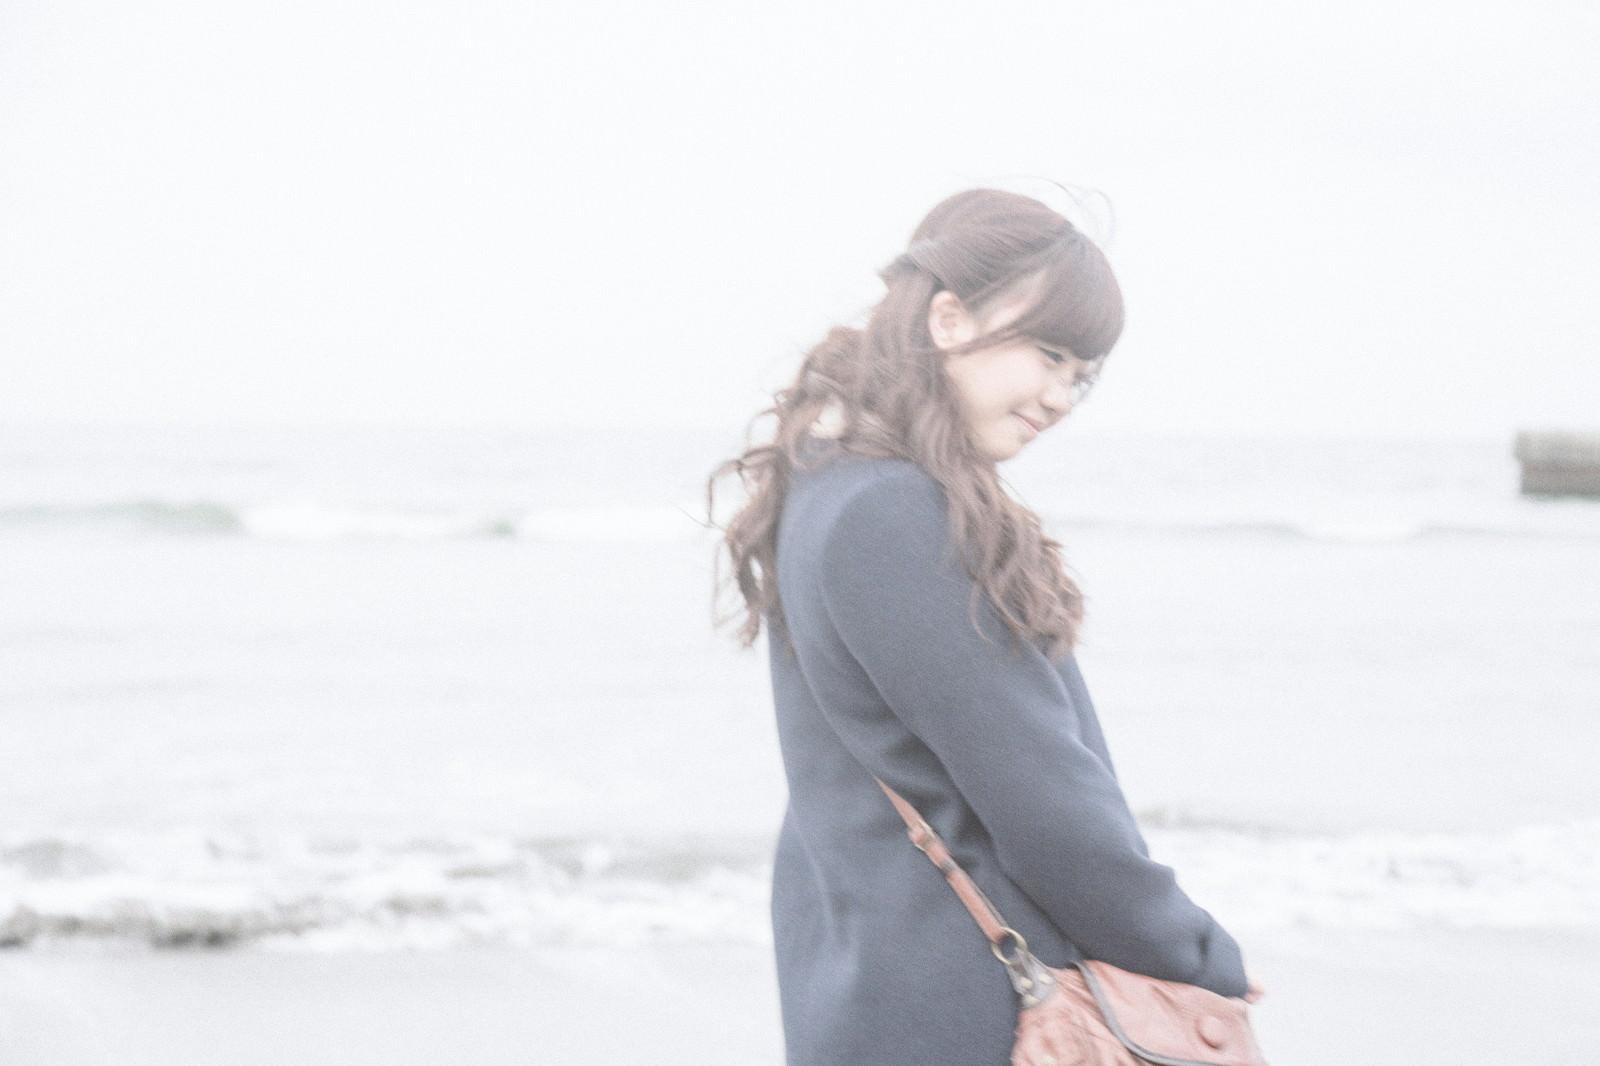 「冬に行った海の思い出冬に行った海の思い出」[モデル:河村友歌]のフリー写真素材を拡大